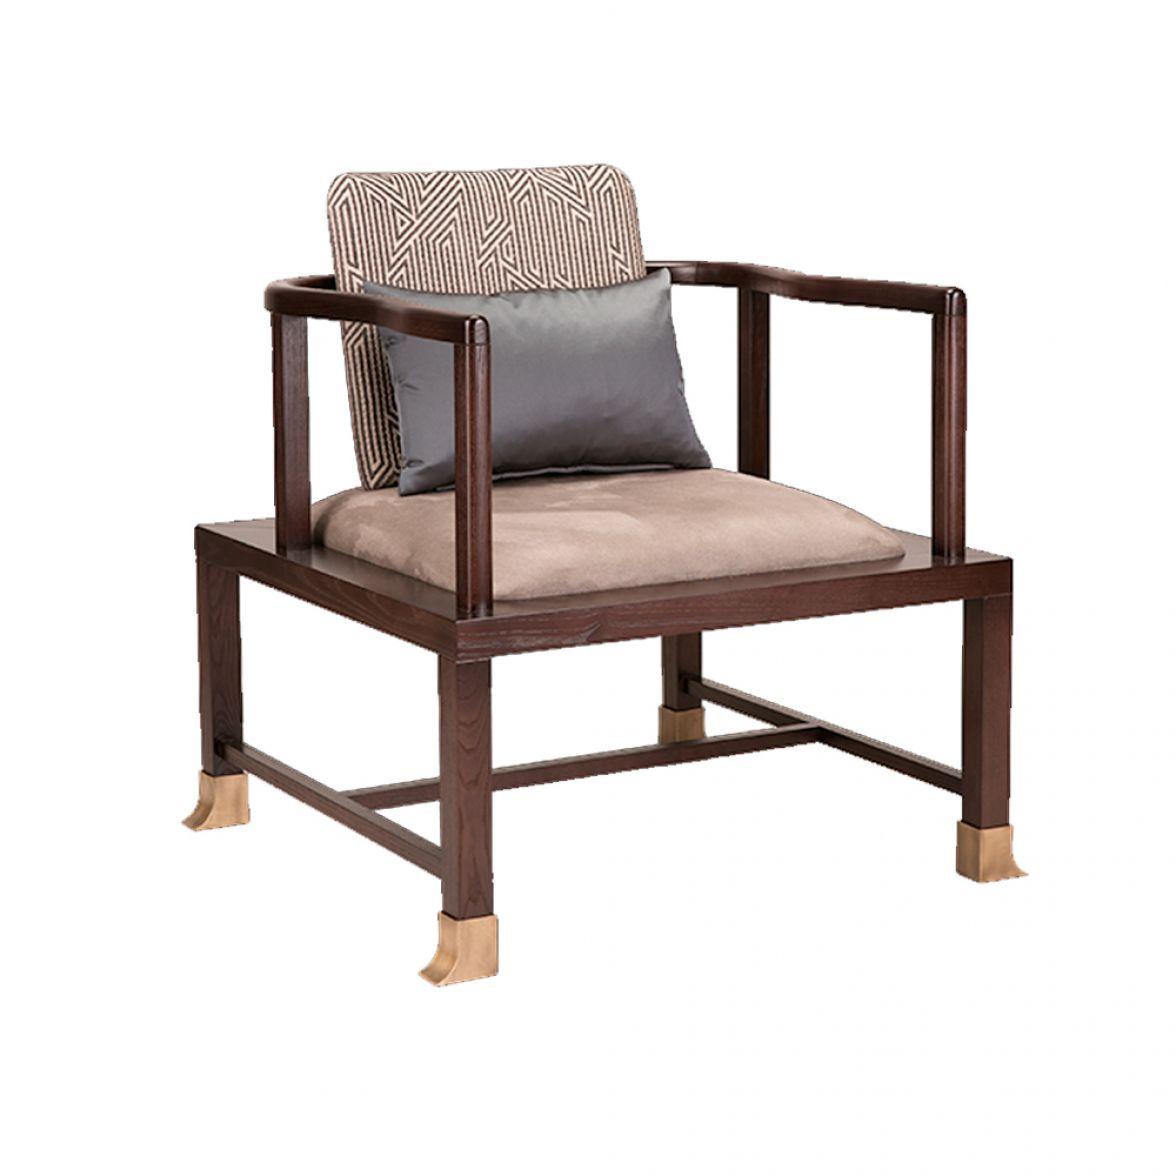 Solata armchair